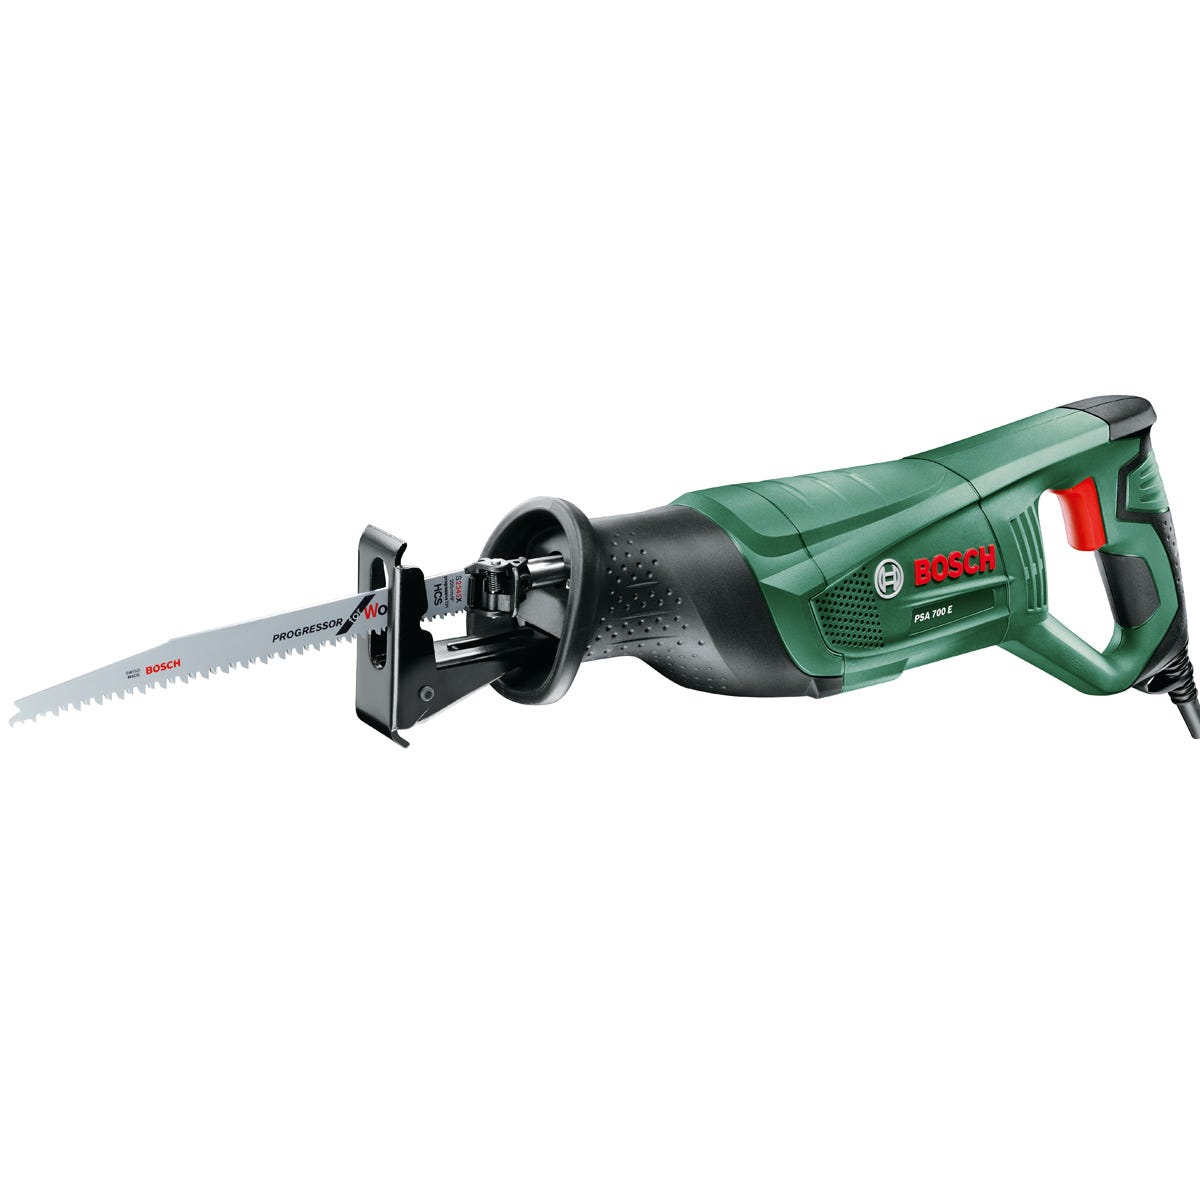 Bosch PSA 700 E 710W Sabre Saw